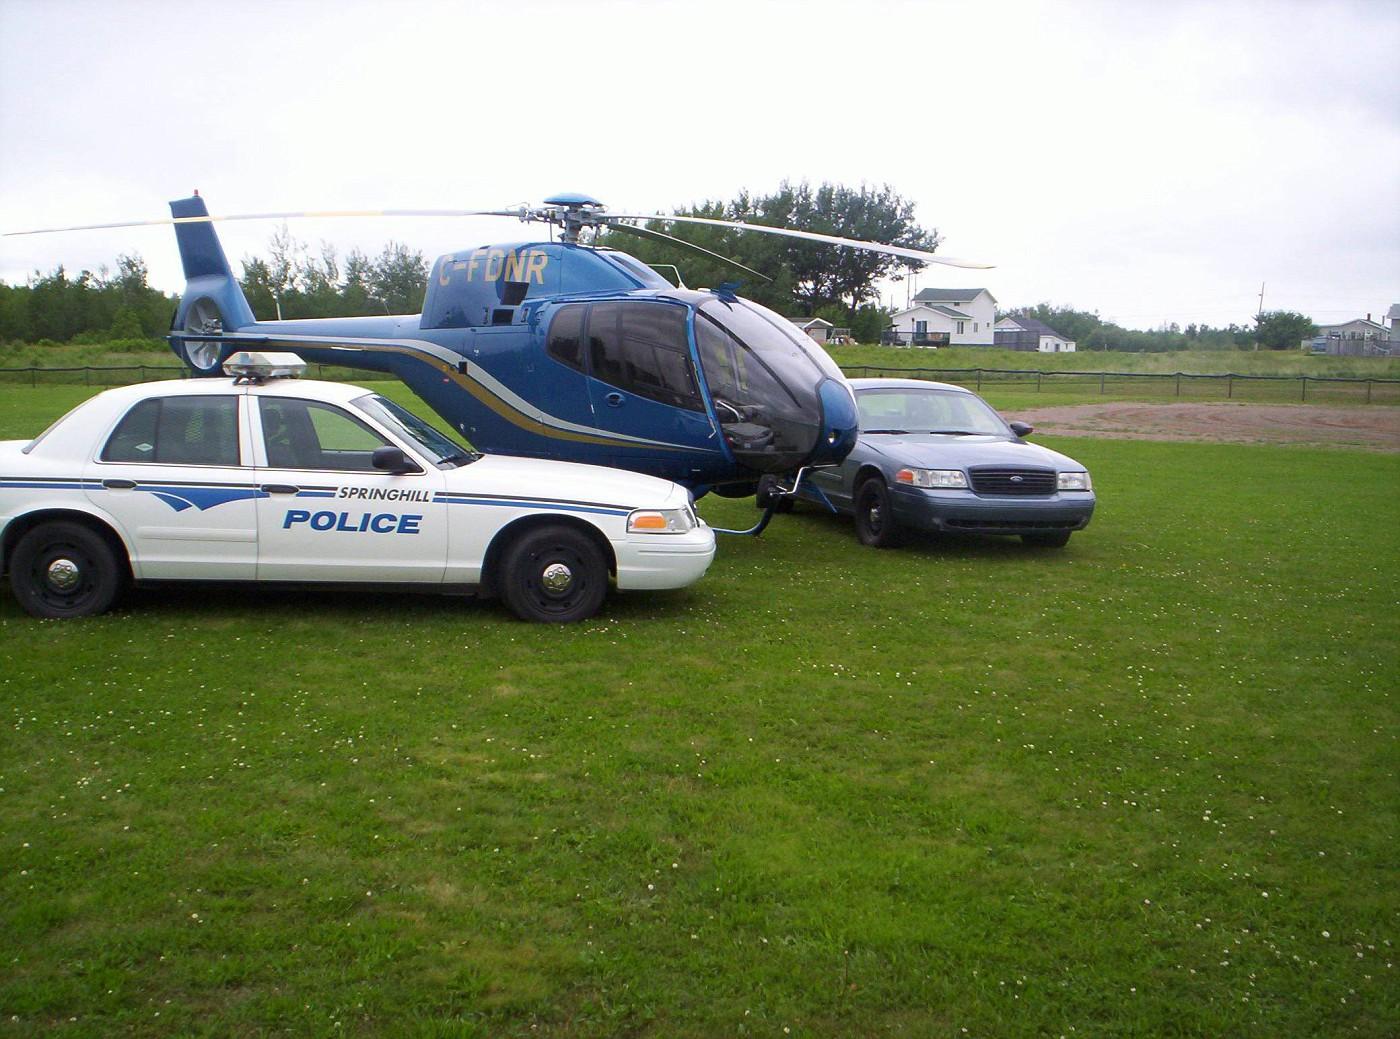 NS - Springhill, Nova Scotia Police